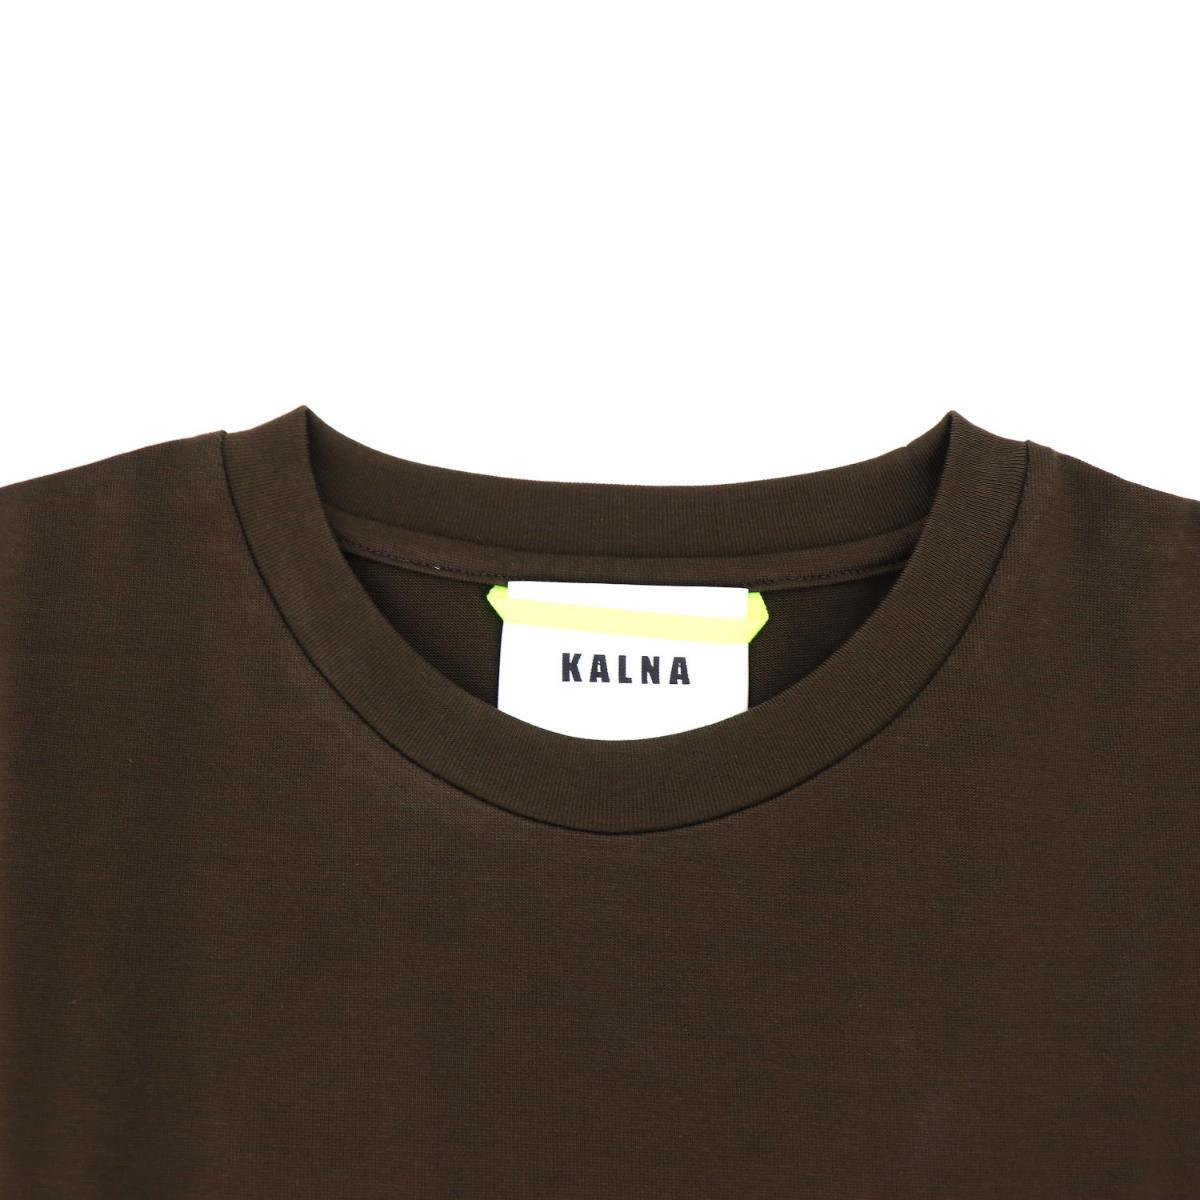 カルナ KALNA レディース ウルティマ コットン ロゴ クルーネック 半袖Tシャツ 1A11201S KAL 078(ブラウン) 春夏新作